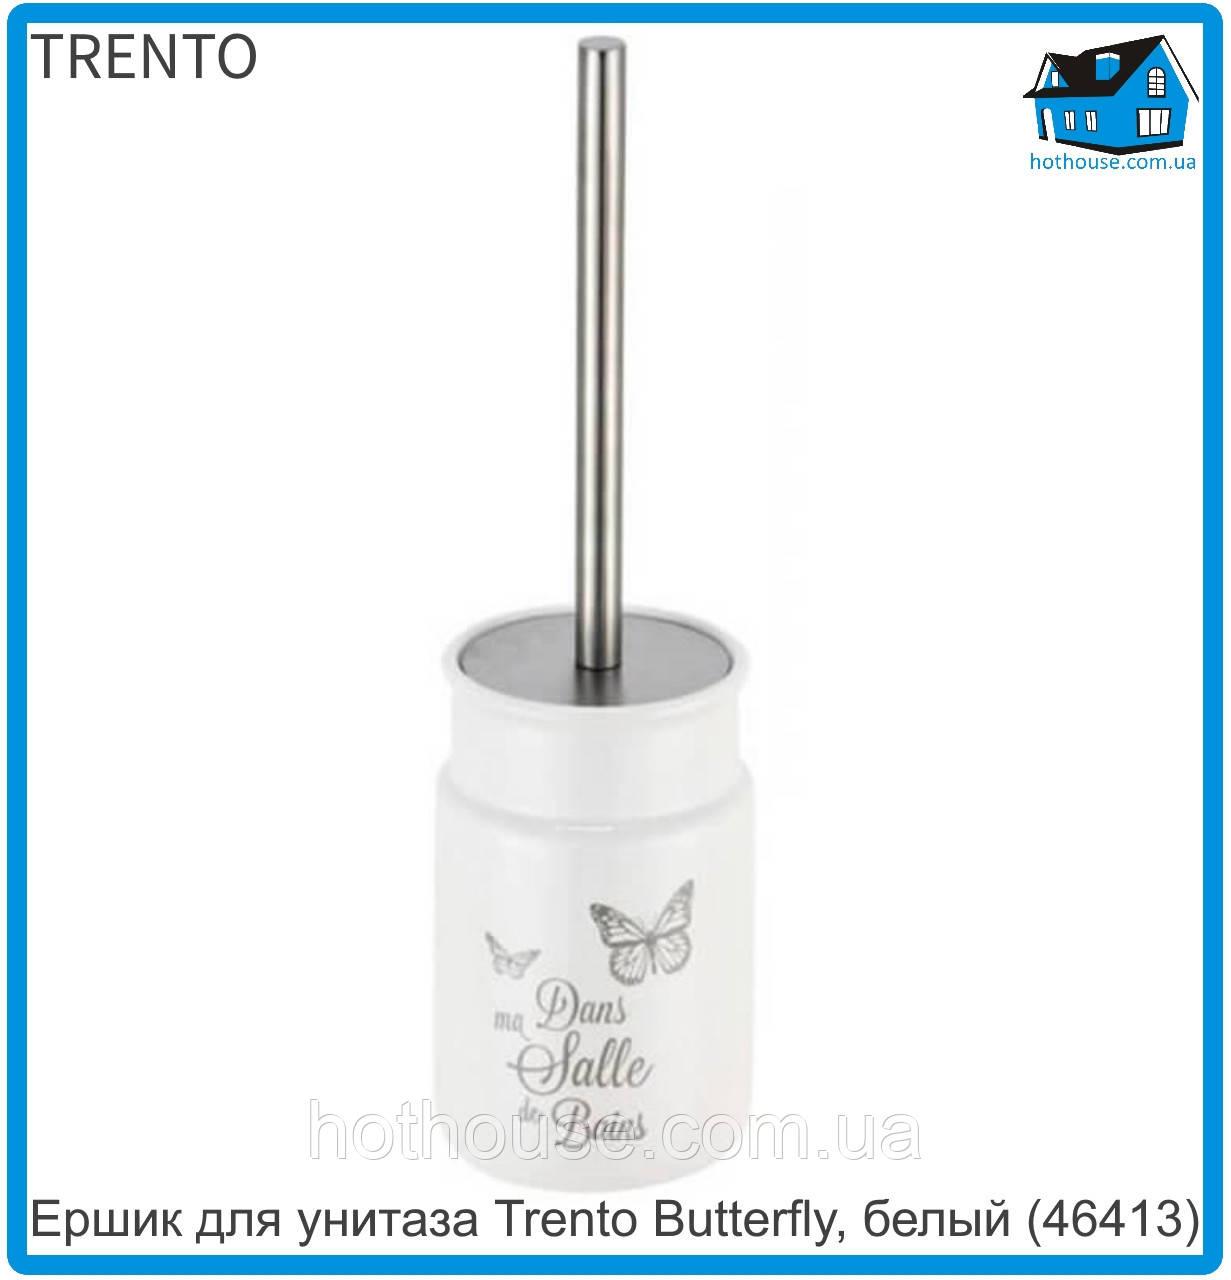 Ершик для унитаза Trento Butterfly, белый (46413)